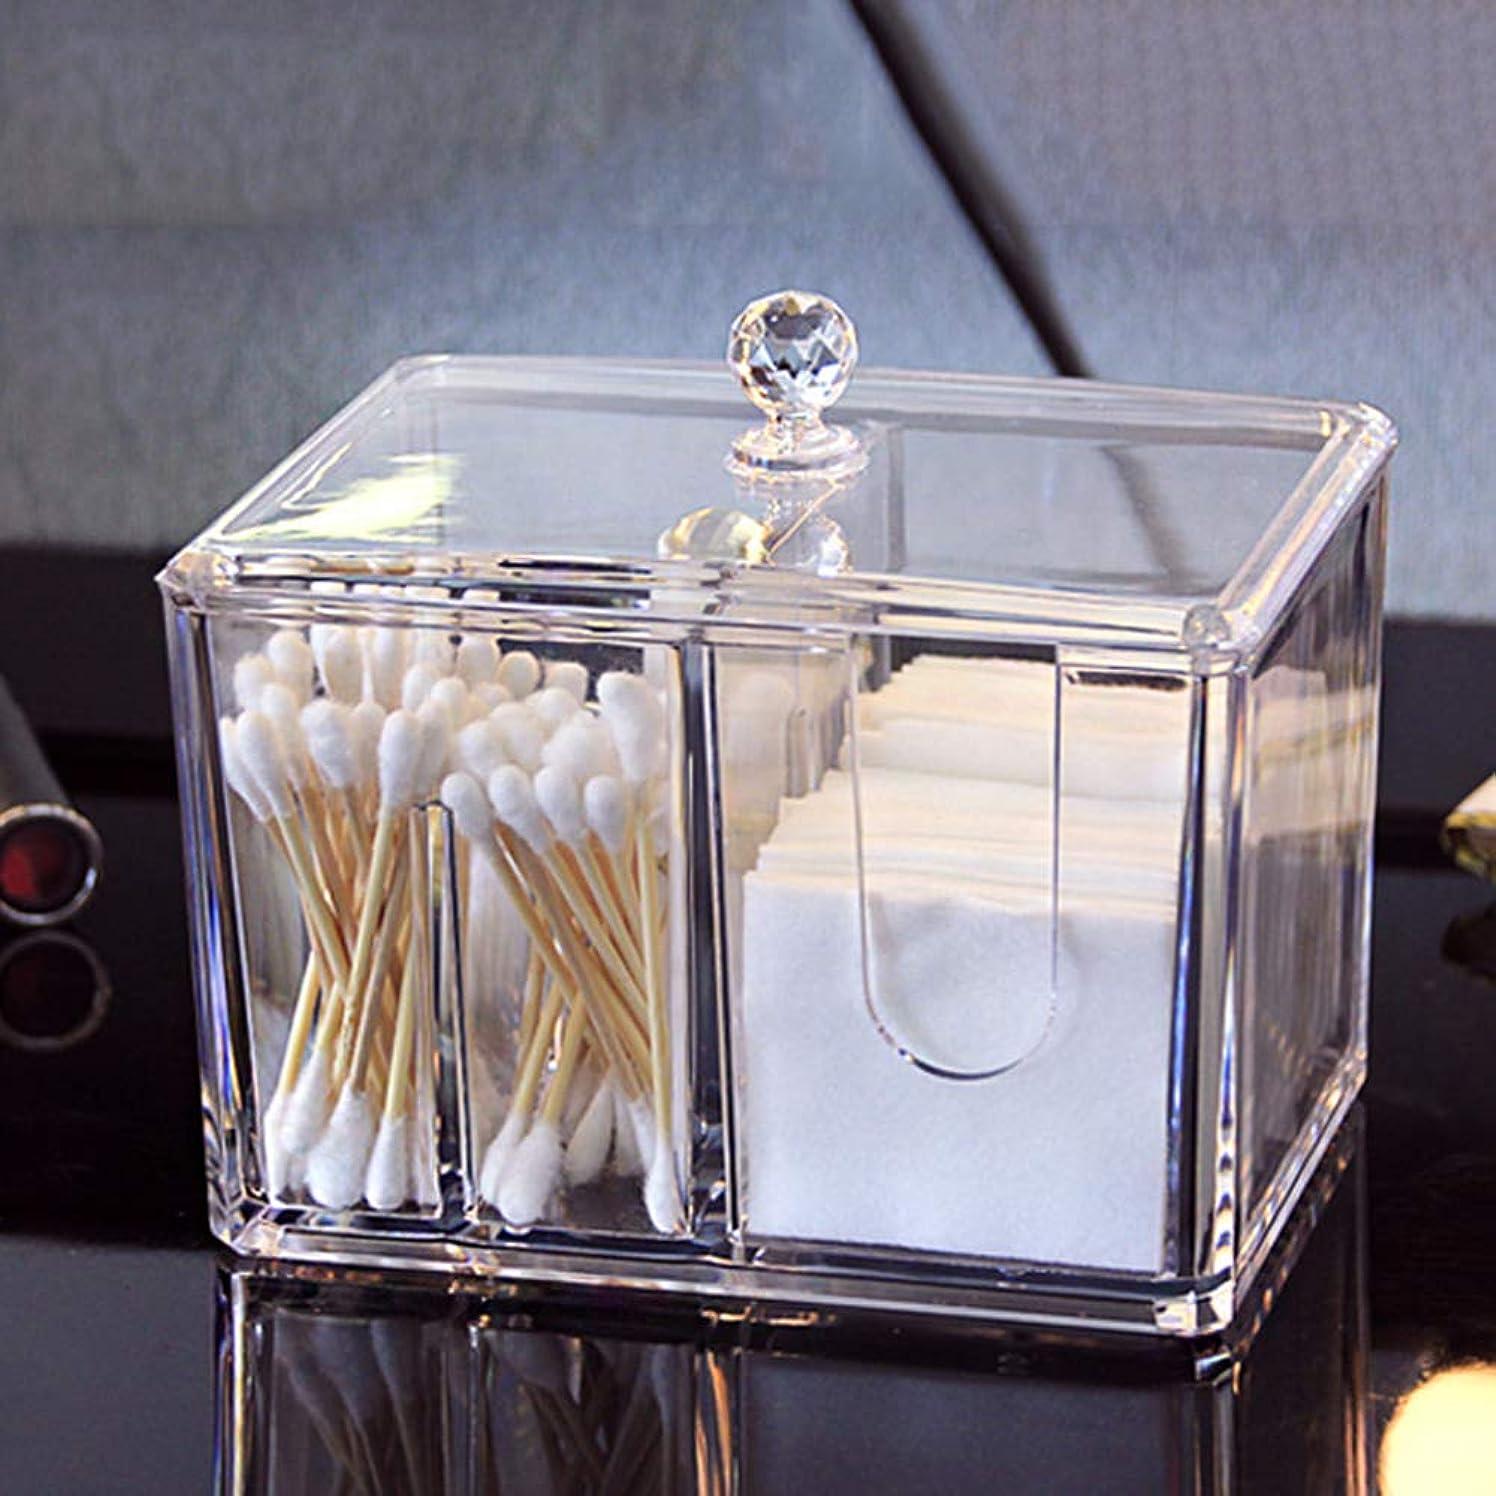 ボーカル語未払いメイクオーガナイザーコットンスワブオーガナイザークリアアクリルメイクコットンパッドディスペンサー蓋付きリップスティック収納キャニスター(14.5 x 10.5 x 13 cm)